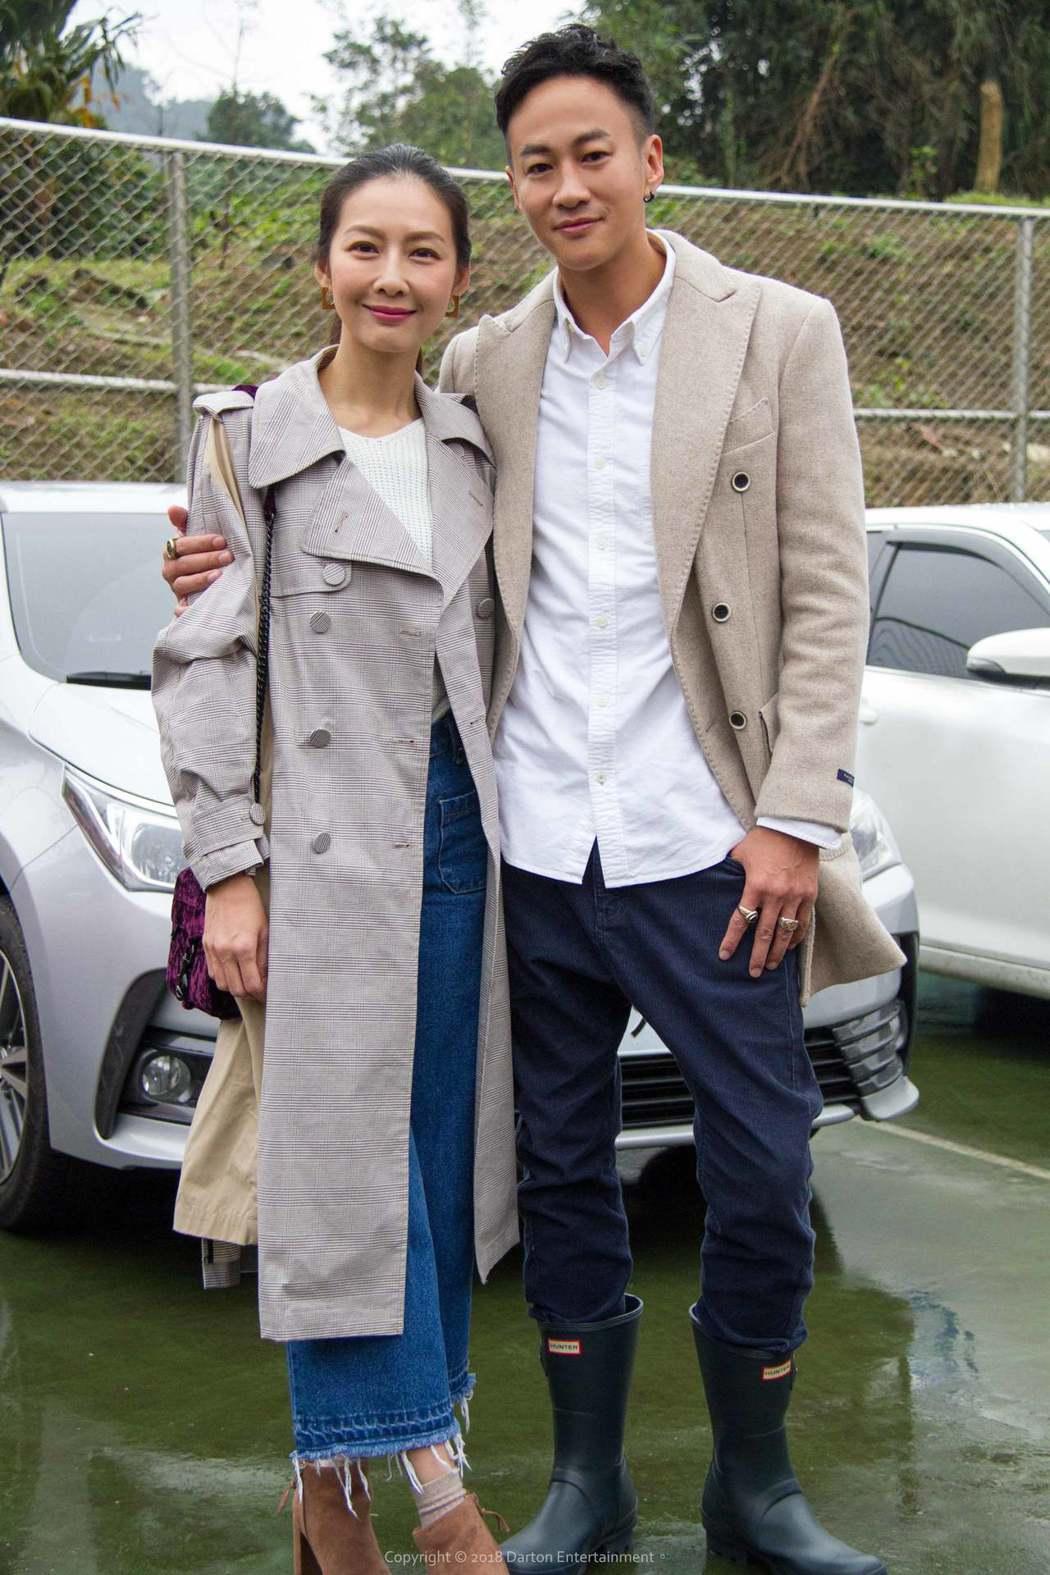 何潤東(右)帶老婆peggy一起作公益。圖/達騰娛樂提供